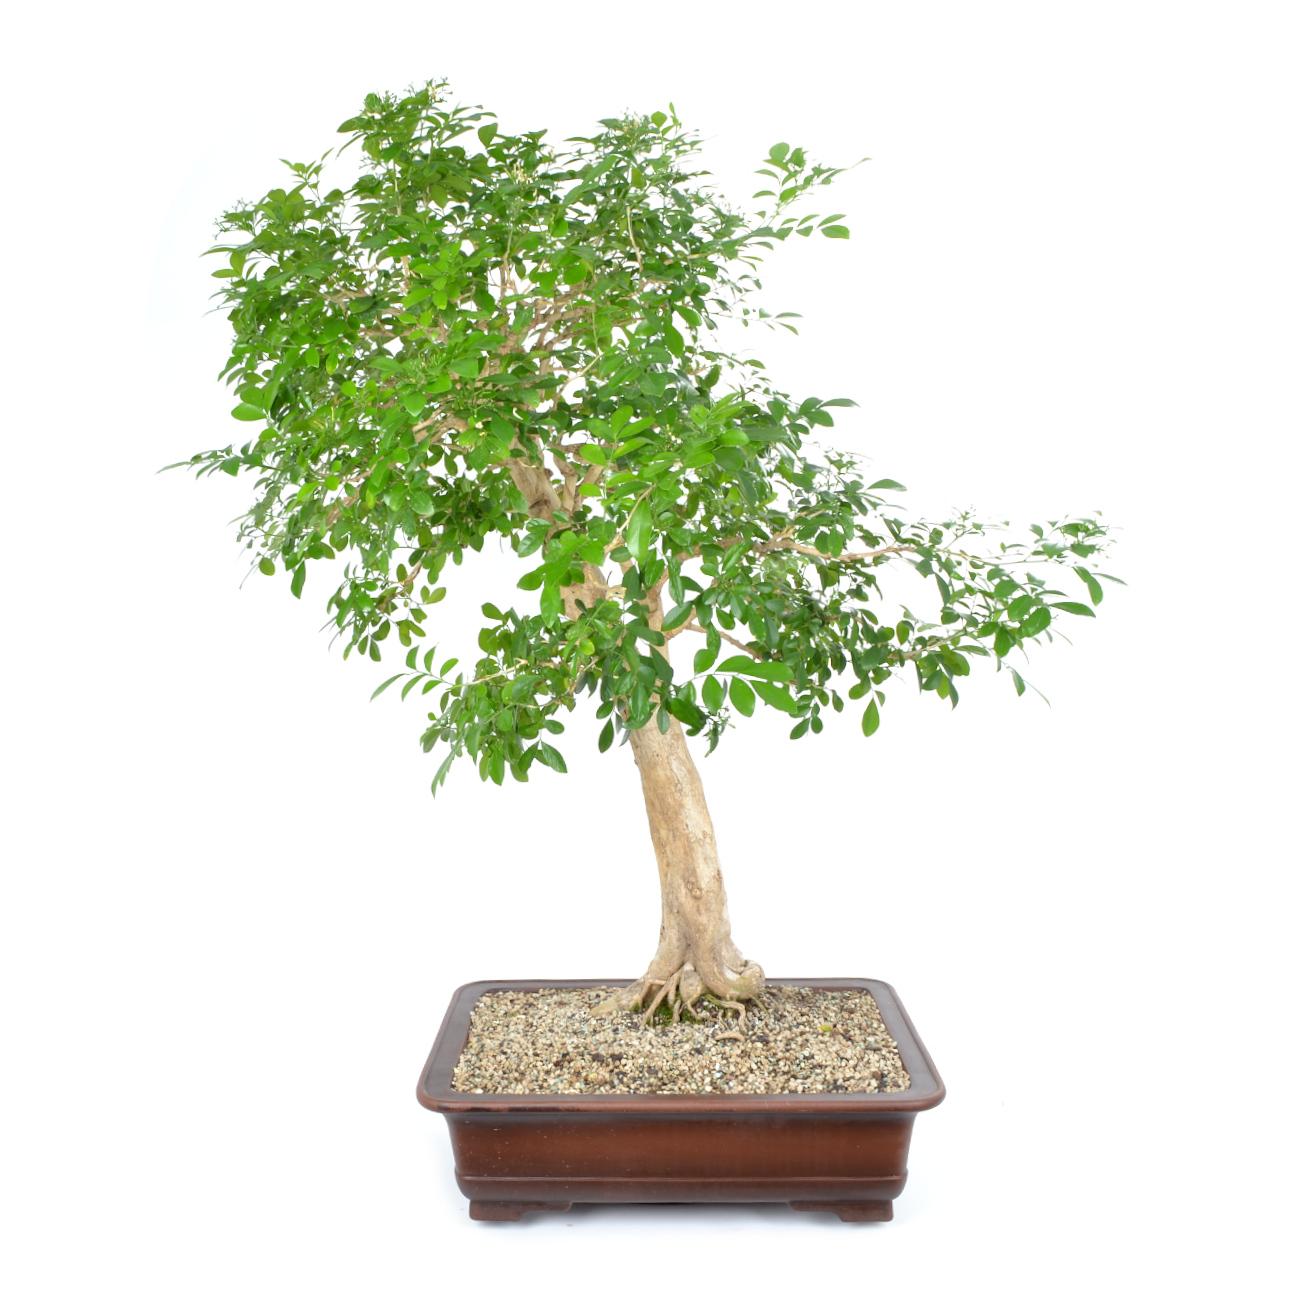 Murraya Paniculata Tropische Bonsai Bonsai Indoor Bonsai Bonsaischule Enger